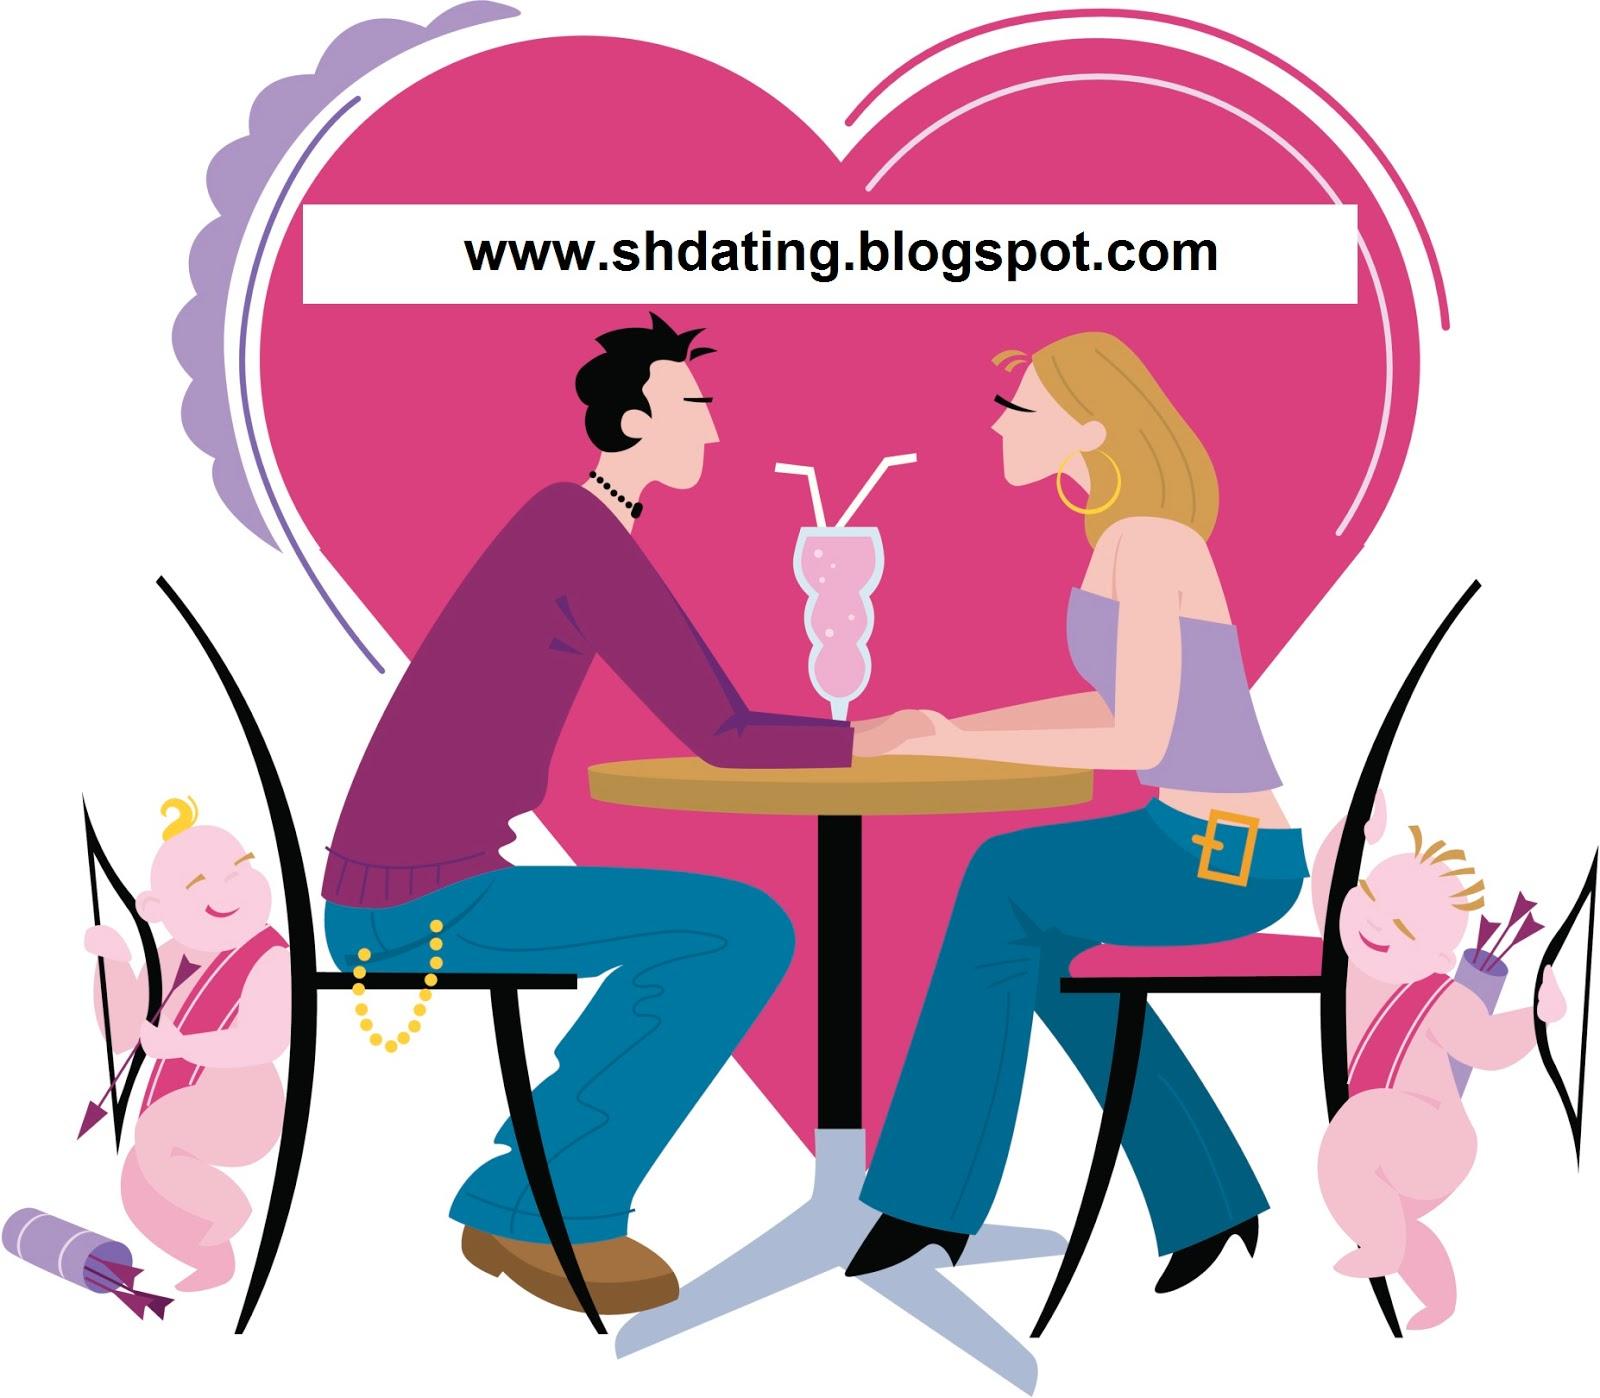 dating sites gratis wiki god måde at beskrive en pige på et dating site